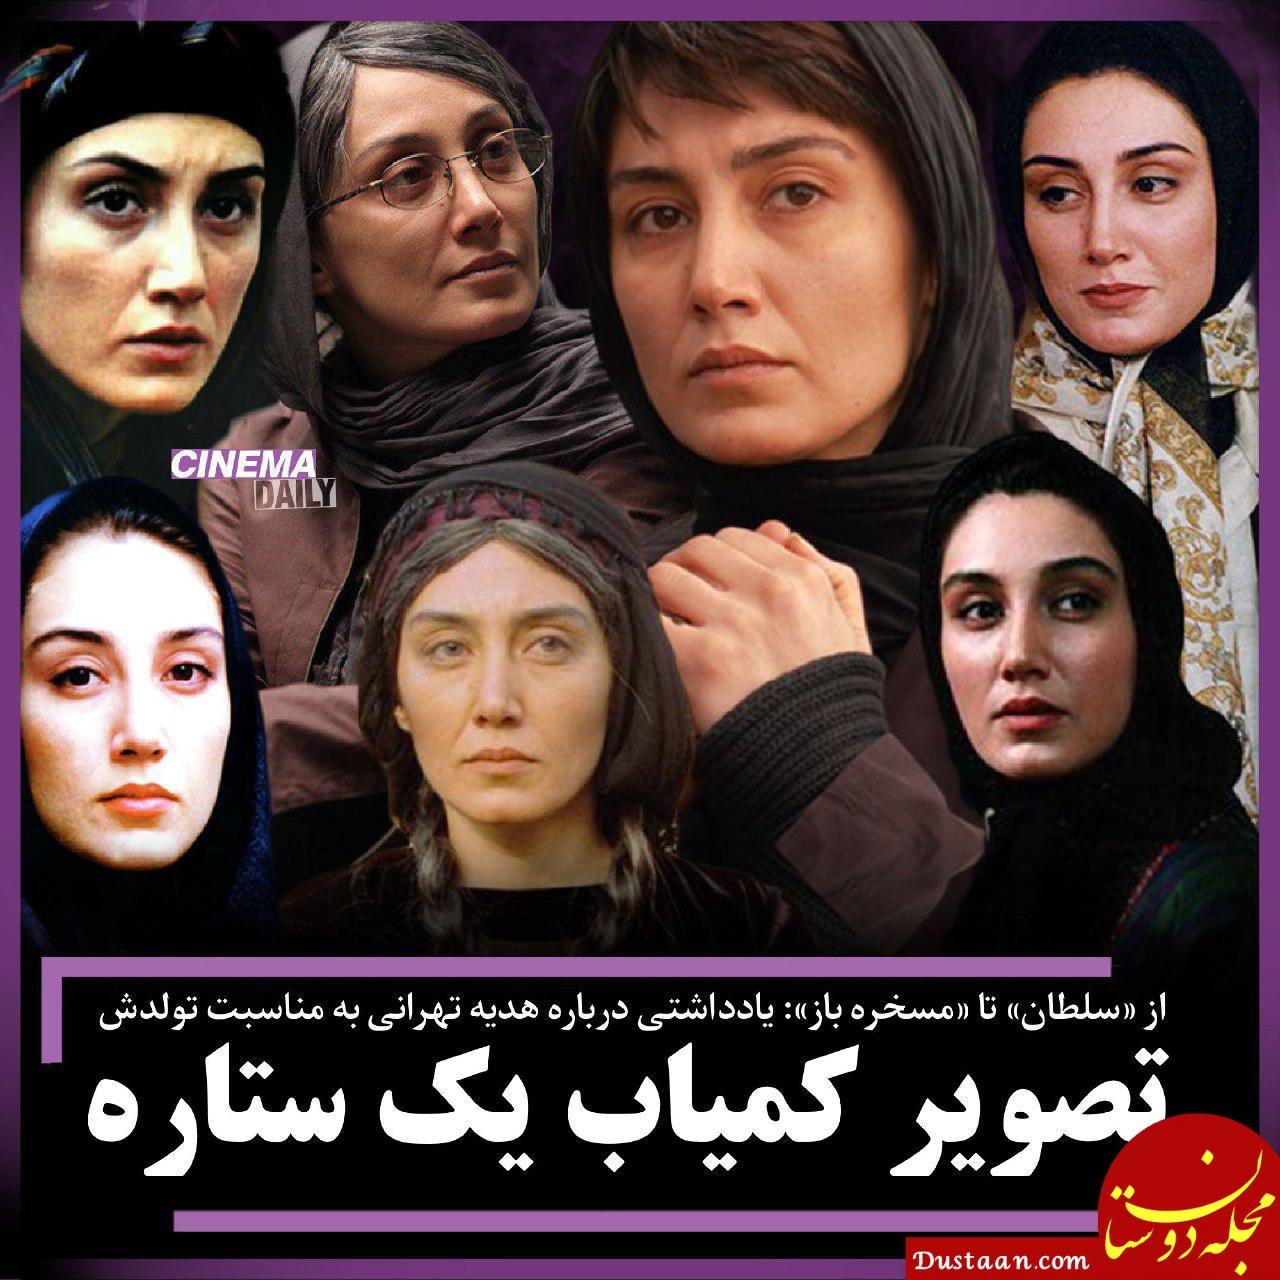 هدیه تهرانی چگونه ستاره شد و ستاره ماند!